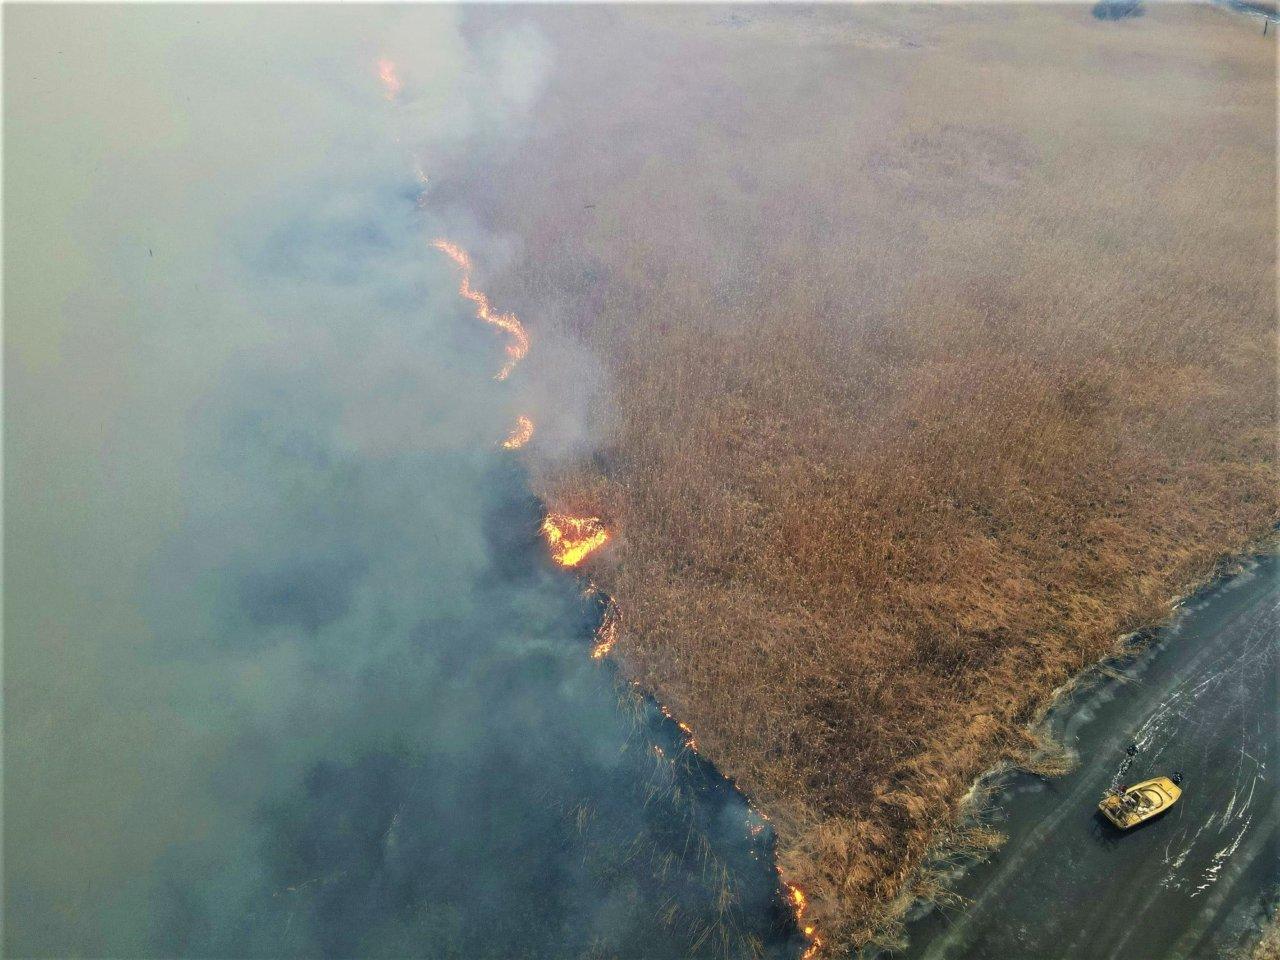 Угрозы животным и птицам в горящем заповеднике под Астраханью нет